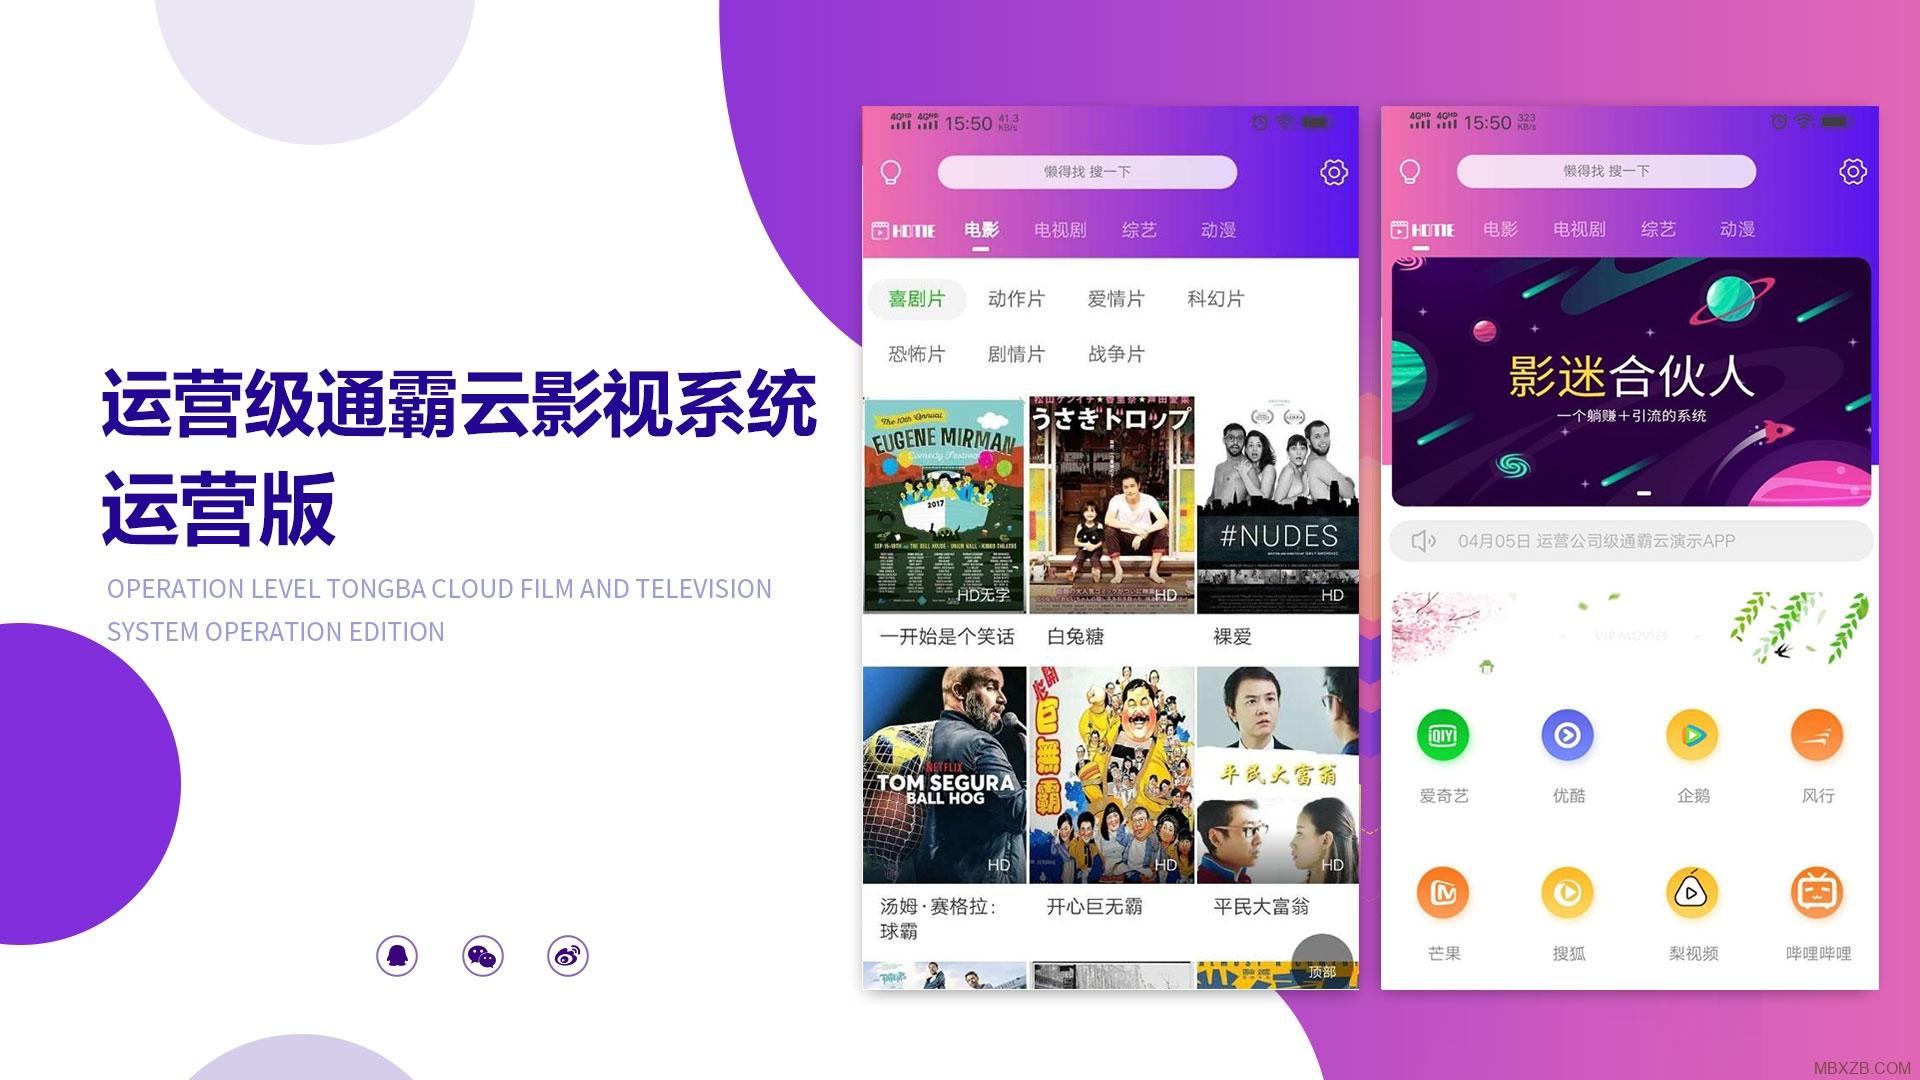 【苹果App源码】苹果cmsV10通霸云影视双端App